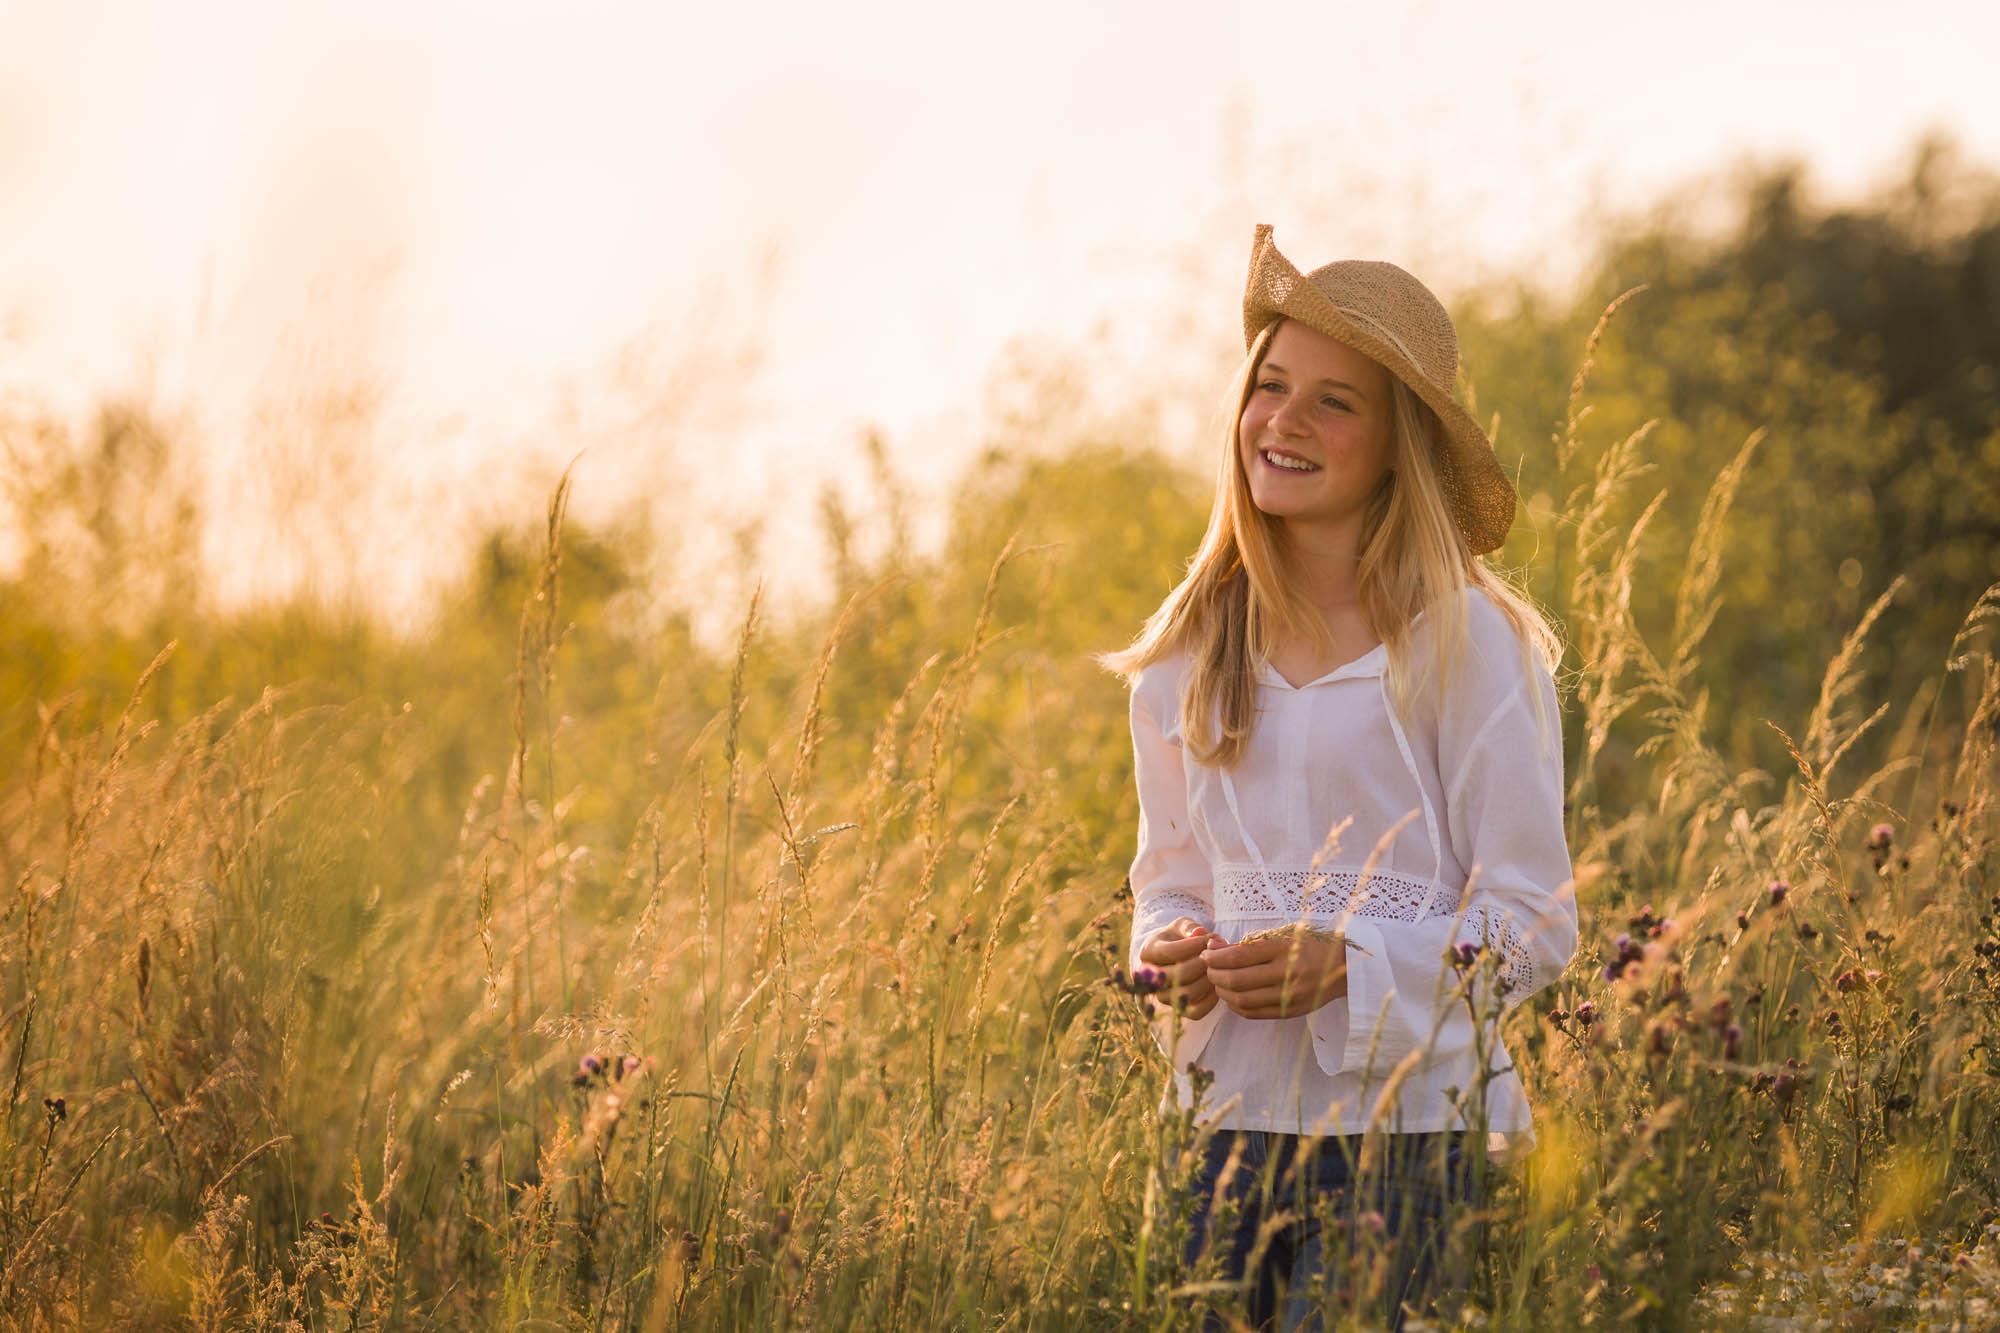 Romantisch portret van blond meisje tussen hoog gras tijdens het gouden uurtje door MayraFotografie